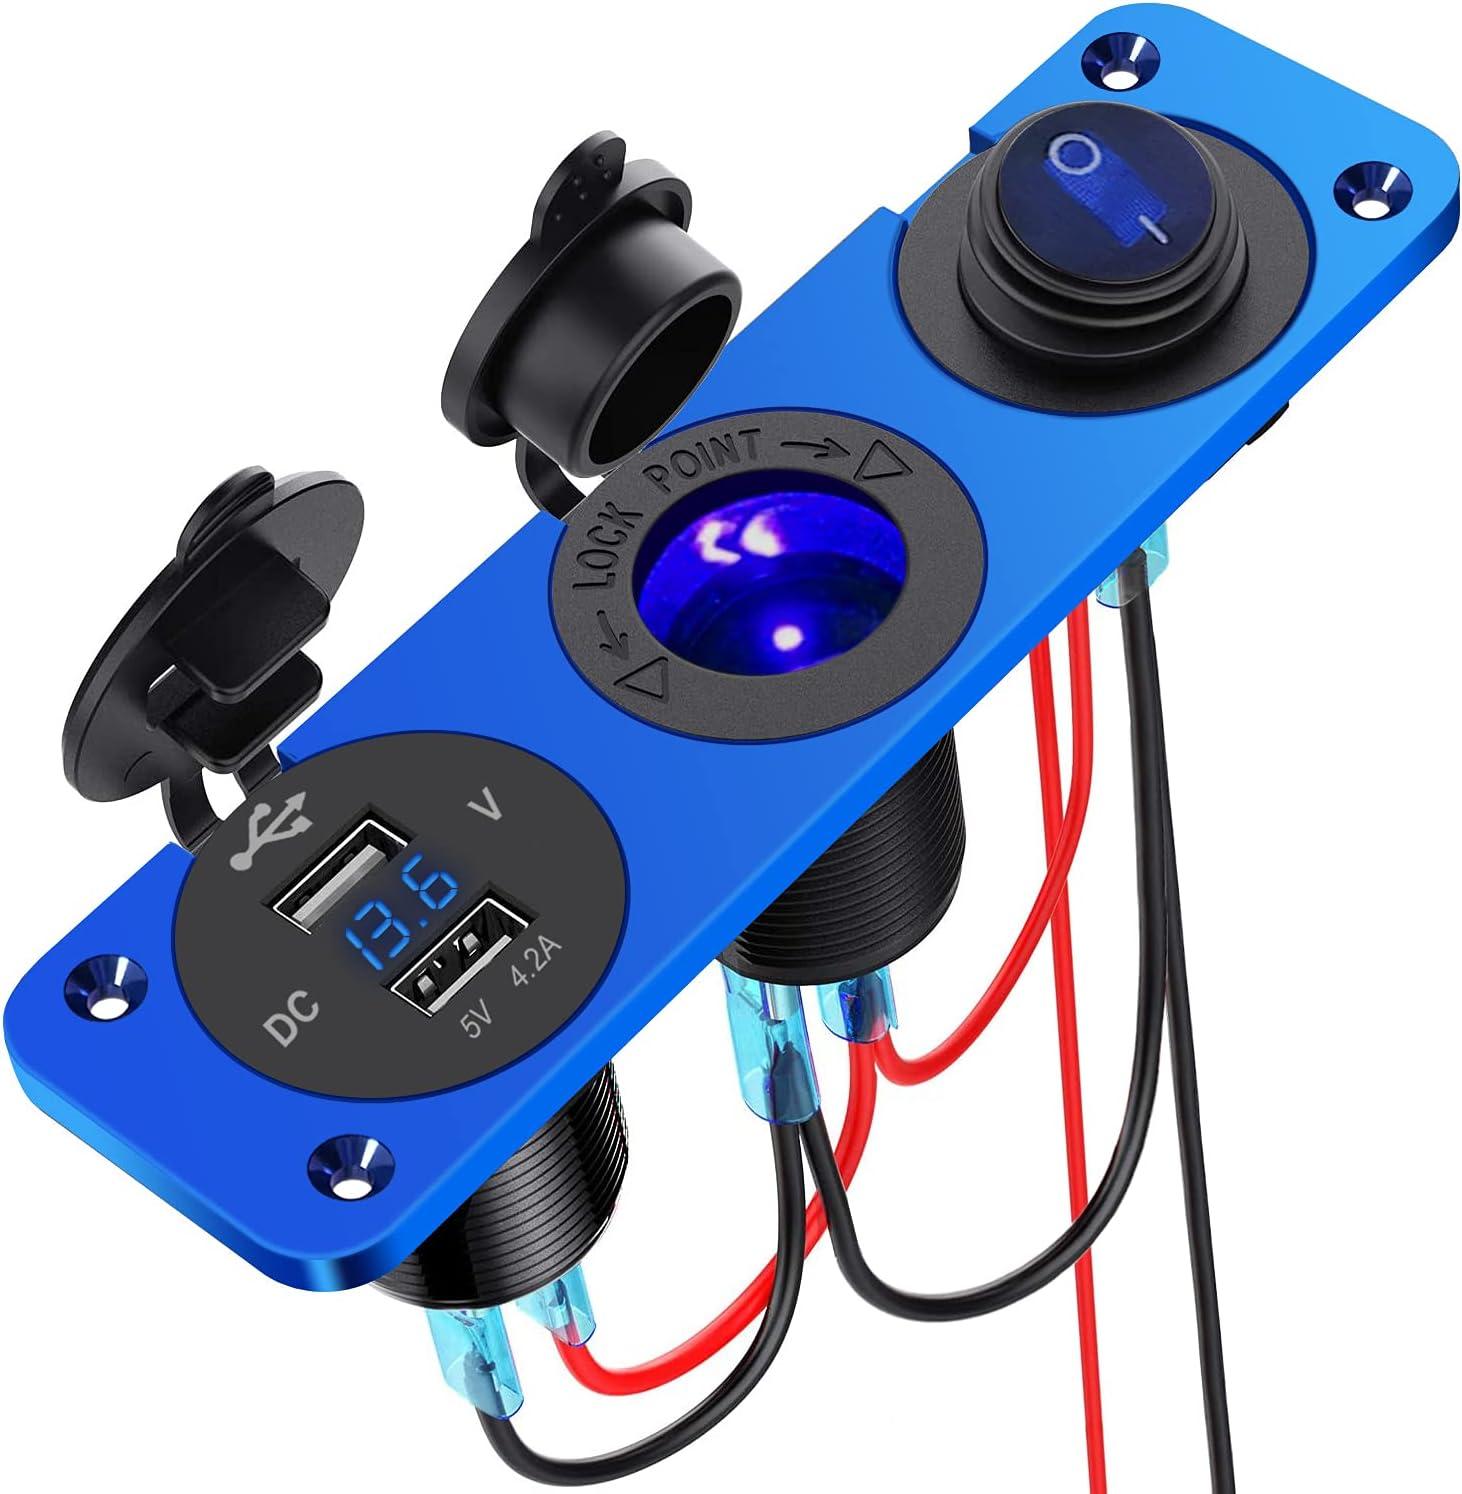 4.2 A USB Cargador Coche Panel de Enchufes Impermeable,12V/24V Enchufe para Encendedor de Cigarrillos Marino con Voltímetro LED e Interruptor, para Marina, Barco, Camión